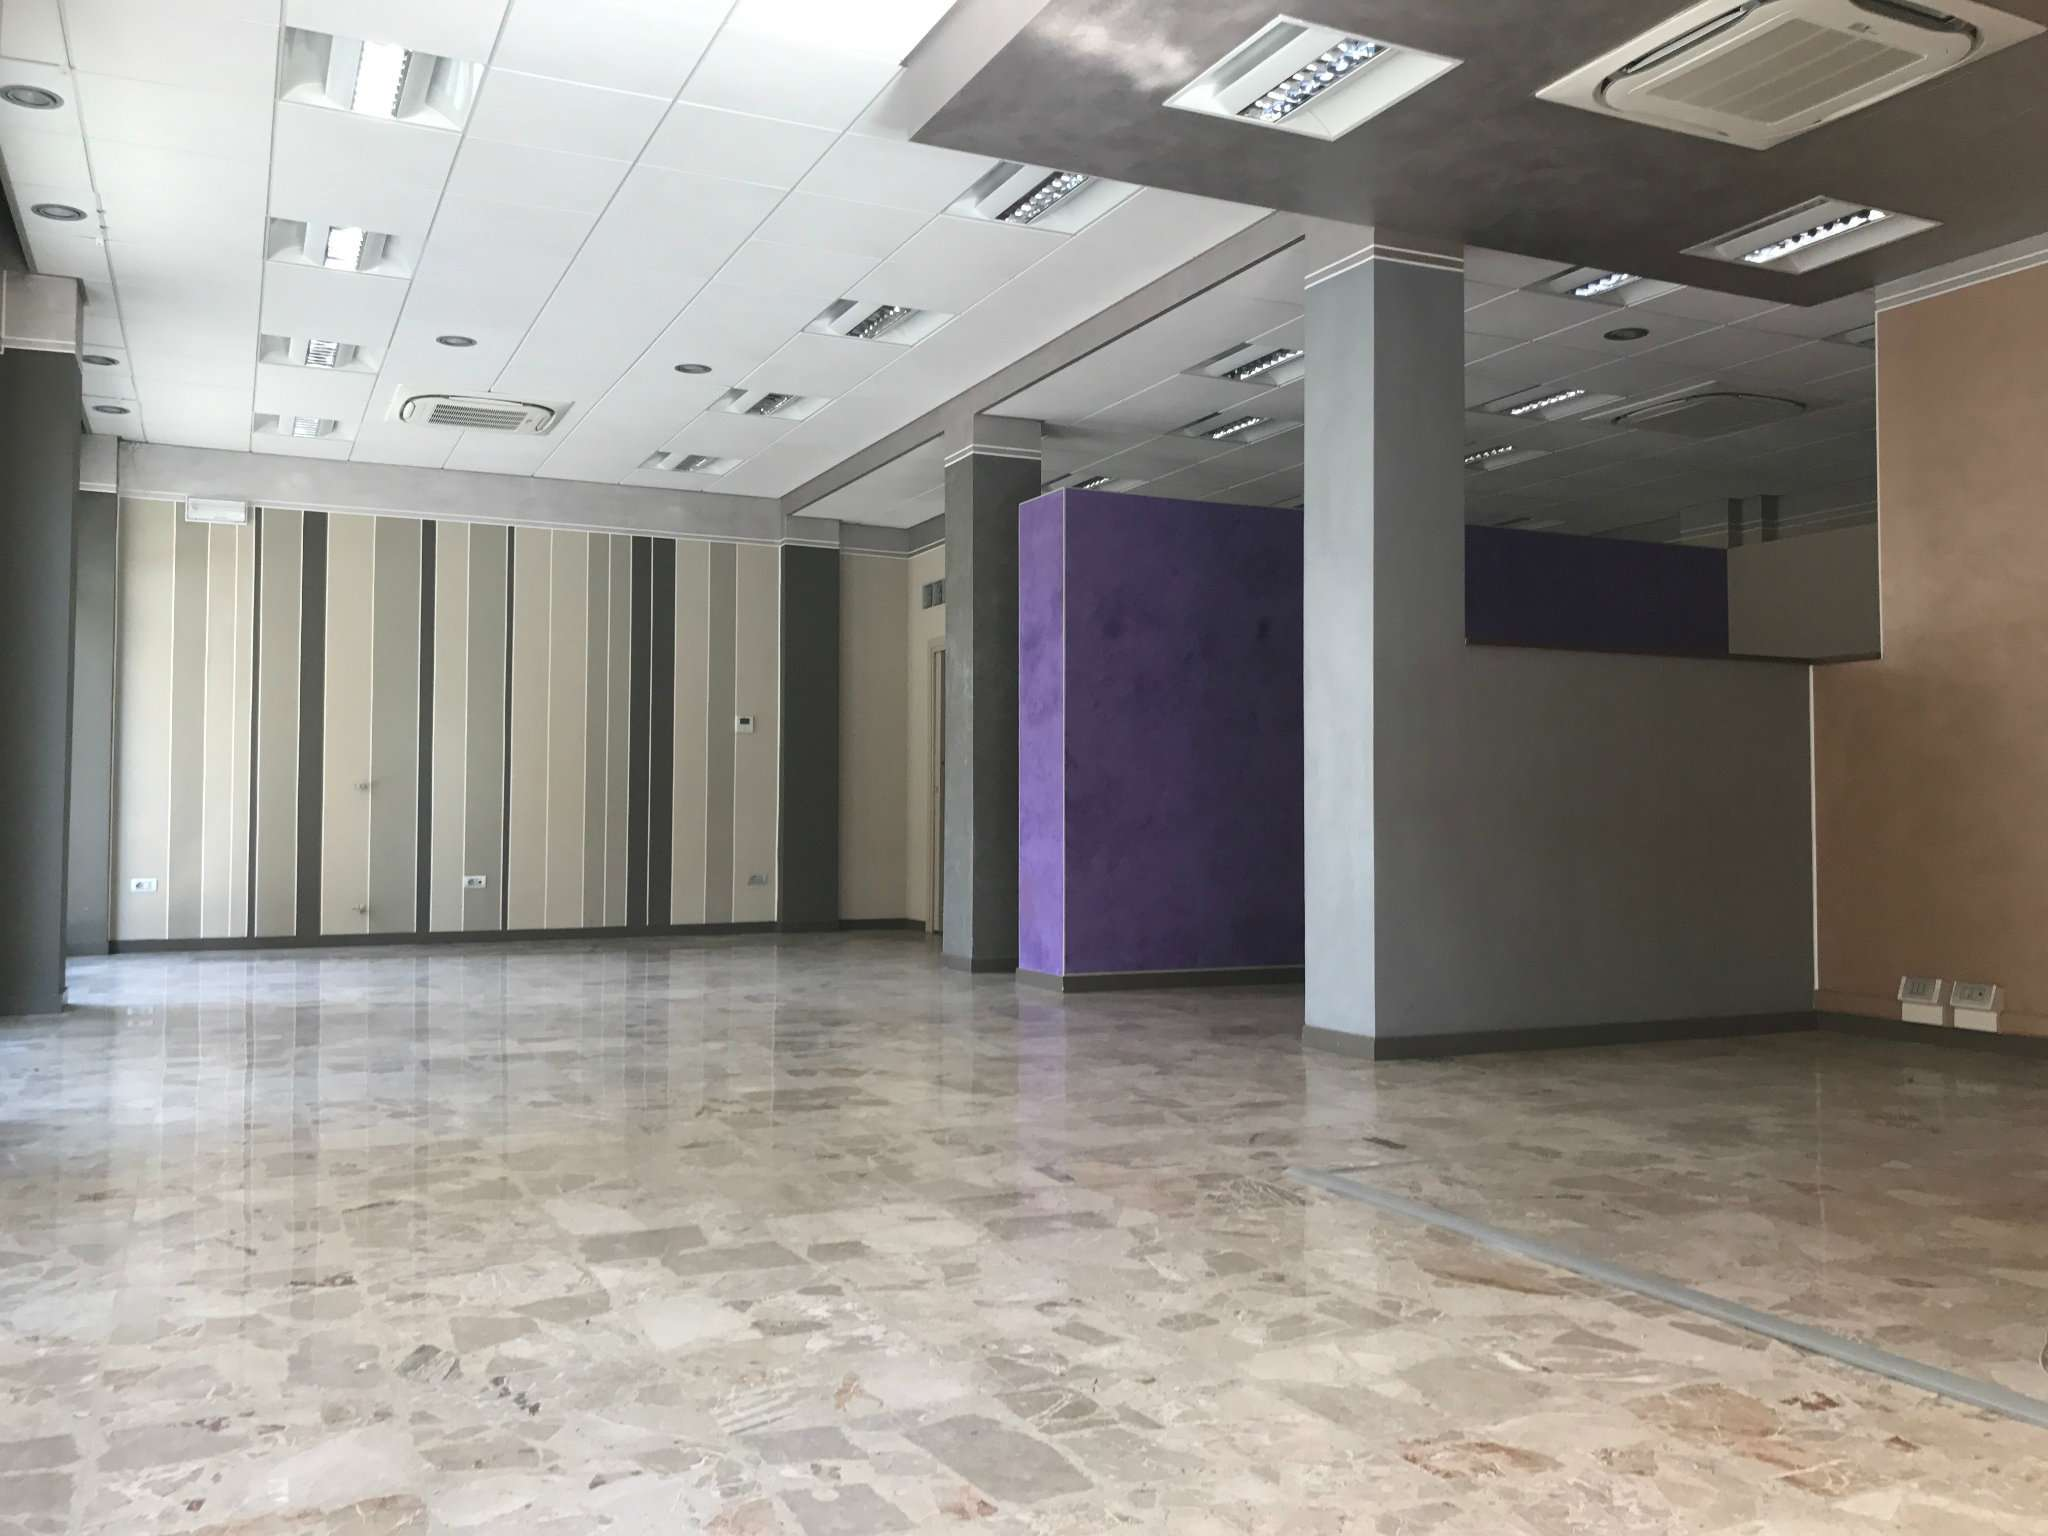 Negozio / Locale in vendita a Alba, 1 locali, prezzo € 310.000 | CambioCasa.it